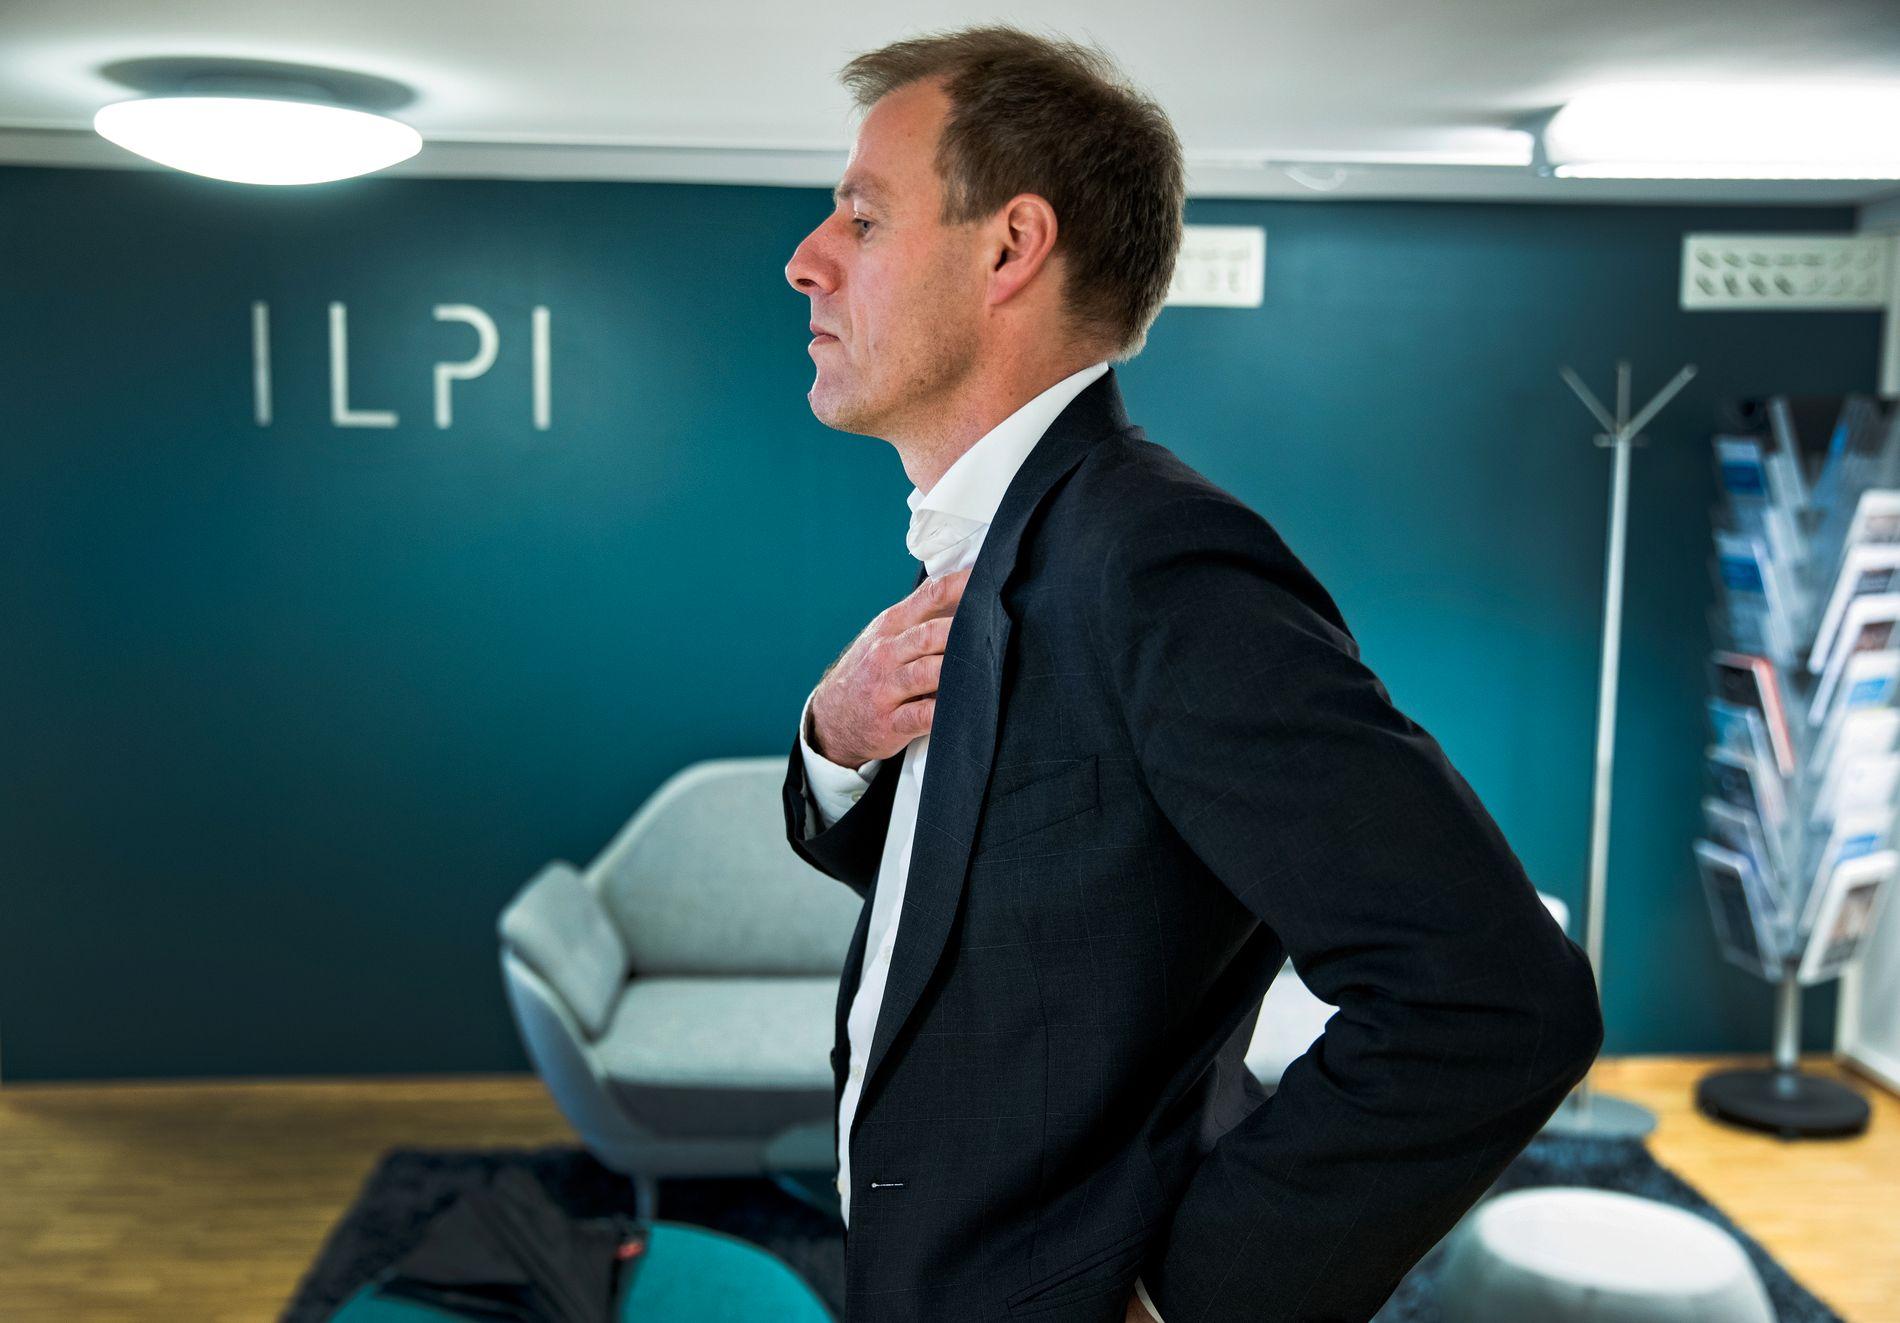 MASSEOPPSIGELSER: ILPI har rundt 30 ansatte. Nå mister de fleste jobben. Oppsigelsen skjer etter at UD har terminert eller fryst alle kontrakter med selskapet.